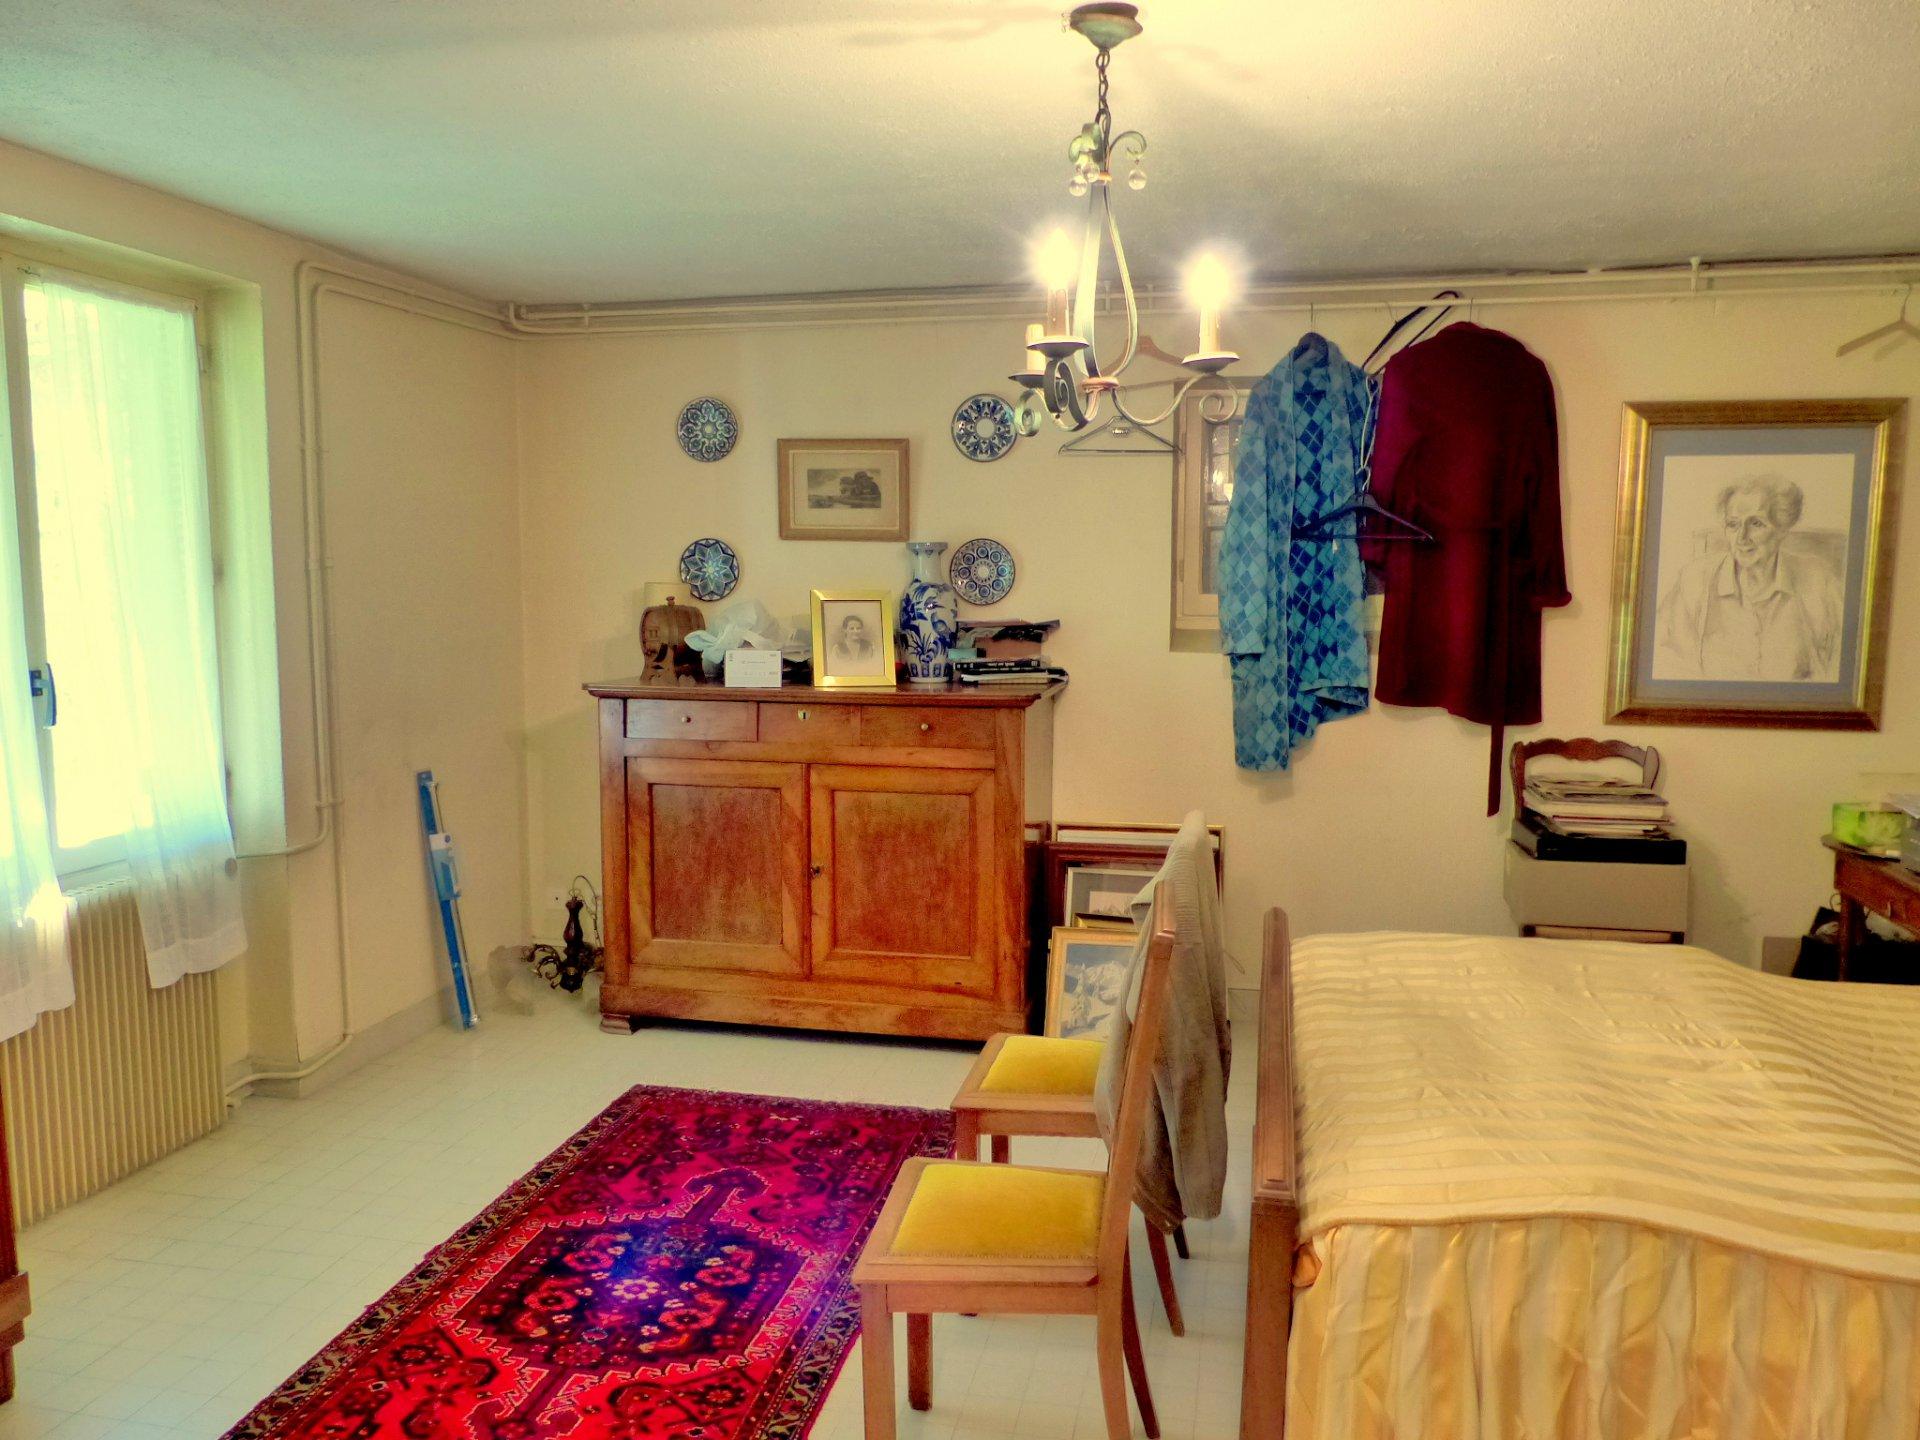 VISITE VIRTUELLE A 360° SUR NOTRE SITE INTERNET! A Charnay les Mâcon, maison bourgeoise dans environnement prisé. En position dominante et avec vue panoramique sur la ville et les alentours, elle se compose de 9 pièces très lumineuses. En rez de jardin, superbe salle à manger avec cheminée, donnant sur une terrasse surplombant le jardin, salon, cuisine, trois chambres, lingerie et salle de bain. Au sous-sol, qui est semi enterré, vous trouverez trois belles caves et une partie réaménagée se composant d'une cuisine, salle d'eau, buanderie et de deux chambres de plus de 20 m² donnant sur une seconde terrasse (accès indépendant). Construite dans un style bourgeois, elle dispose de beaucoup de charme et d'un beau potentiel (possibilité gites, chambres d'hôtes ou encore profession libérale).  Opportunité à ne surtout pas manquer ! VISITE VIRTUELLE A 360° SUR NOTRE SITE INTERNET! Honoraires à charge vendeurs.